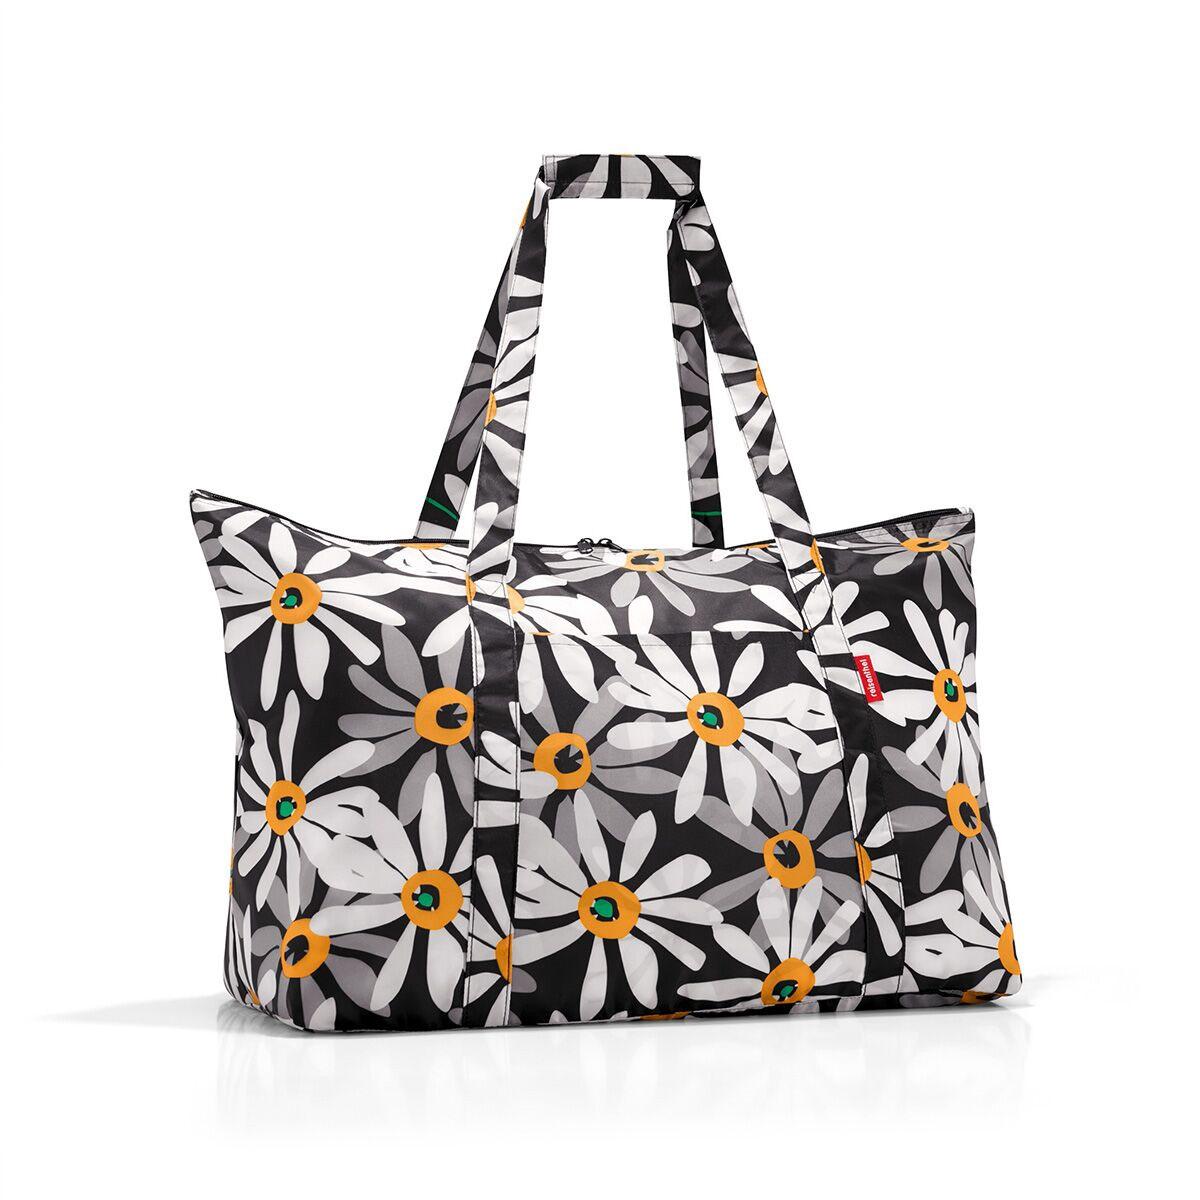 Сумка дорожная женская Reisenthel, цвет: черный. AG7038MD-659-2/4Идеальный компаньон для путешествий, ведь из поездки мы всегда возвращаемся со множеством сувениров и покупок. Так что еще одна сумка пригодится. Она легко складывается в маленький чехол, которые можно взять с собой в сумке или рюкзаке. Так же можно использовать для похода за продуктами.Внутренний объем сумки - 30 литров. Есть внешний кармашек для мелочей. Для удобства ручки сумки можно соединить между собой.